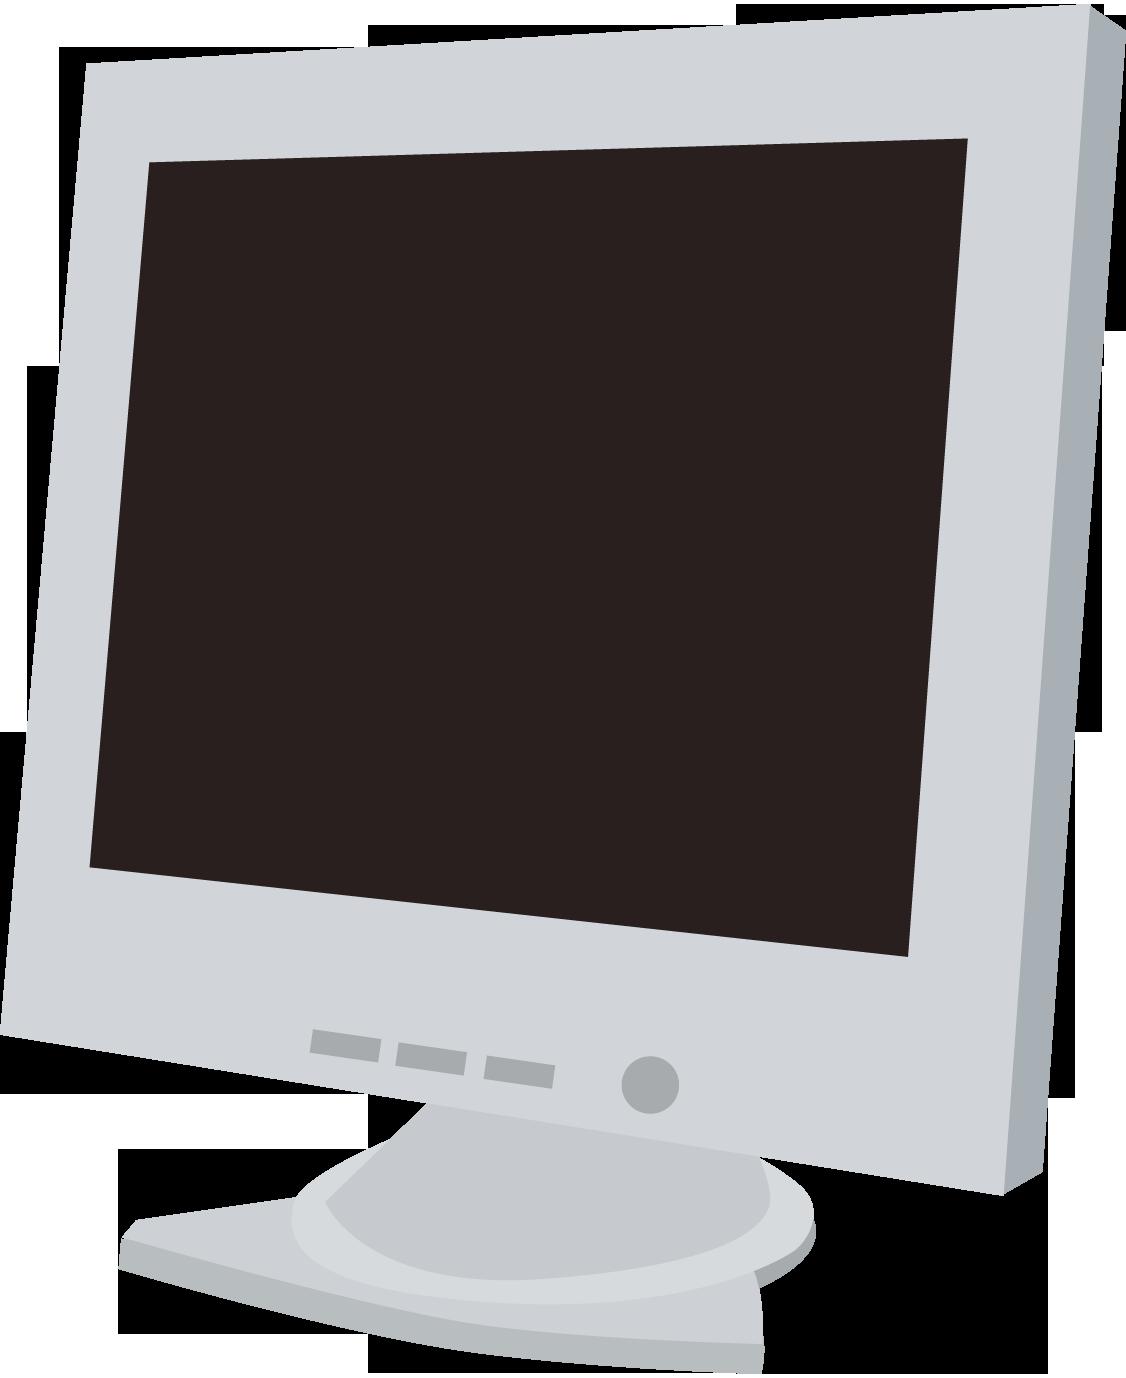 pc、パソコンのイラスト・フリー素材|ダウンロード02【素材っち】